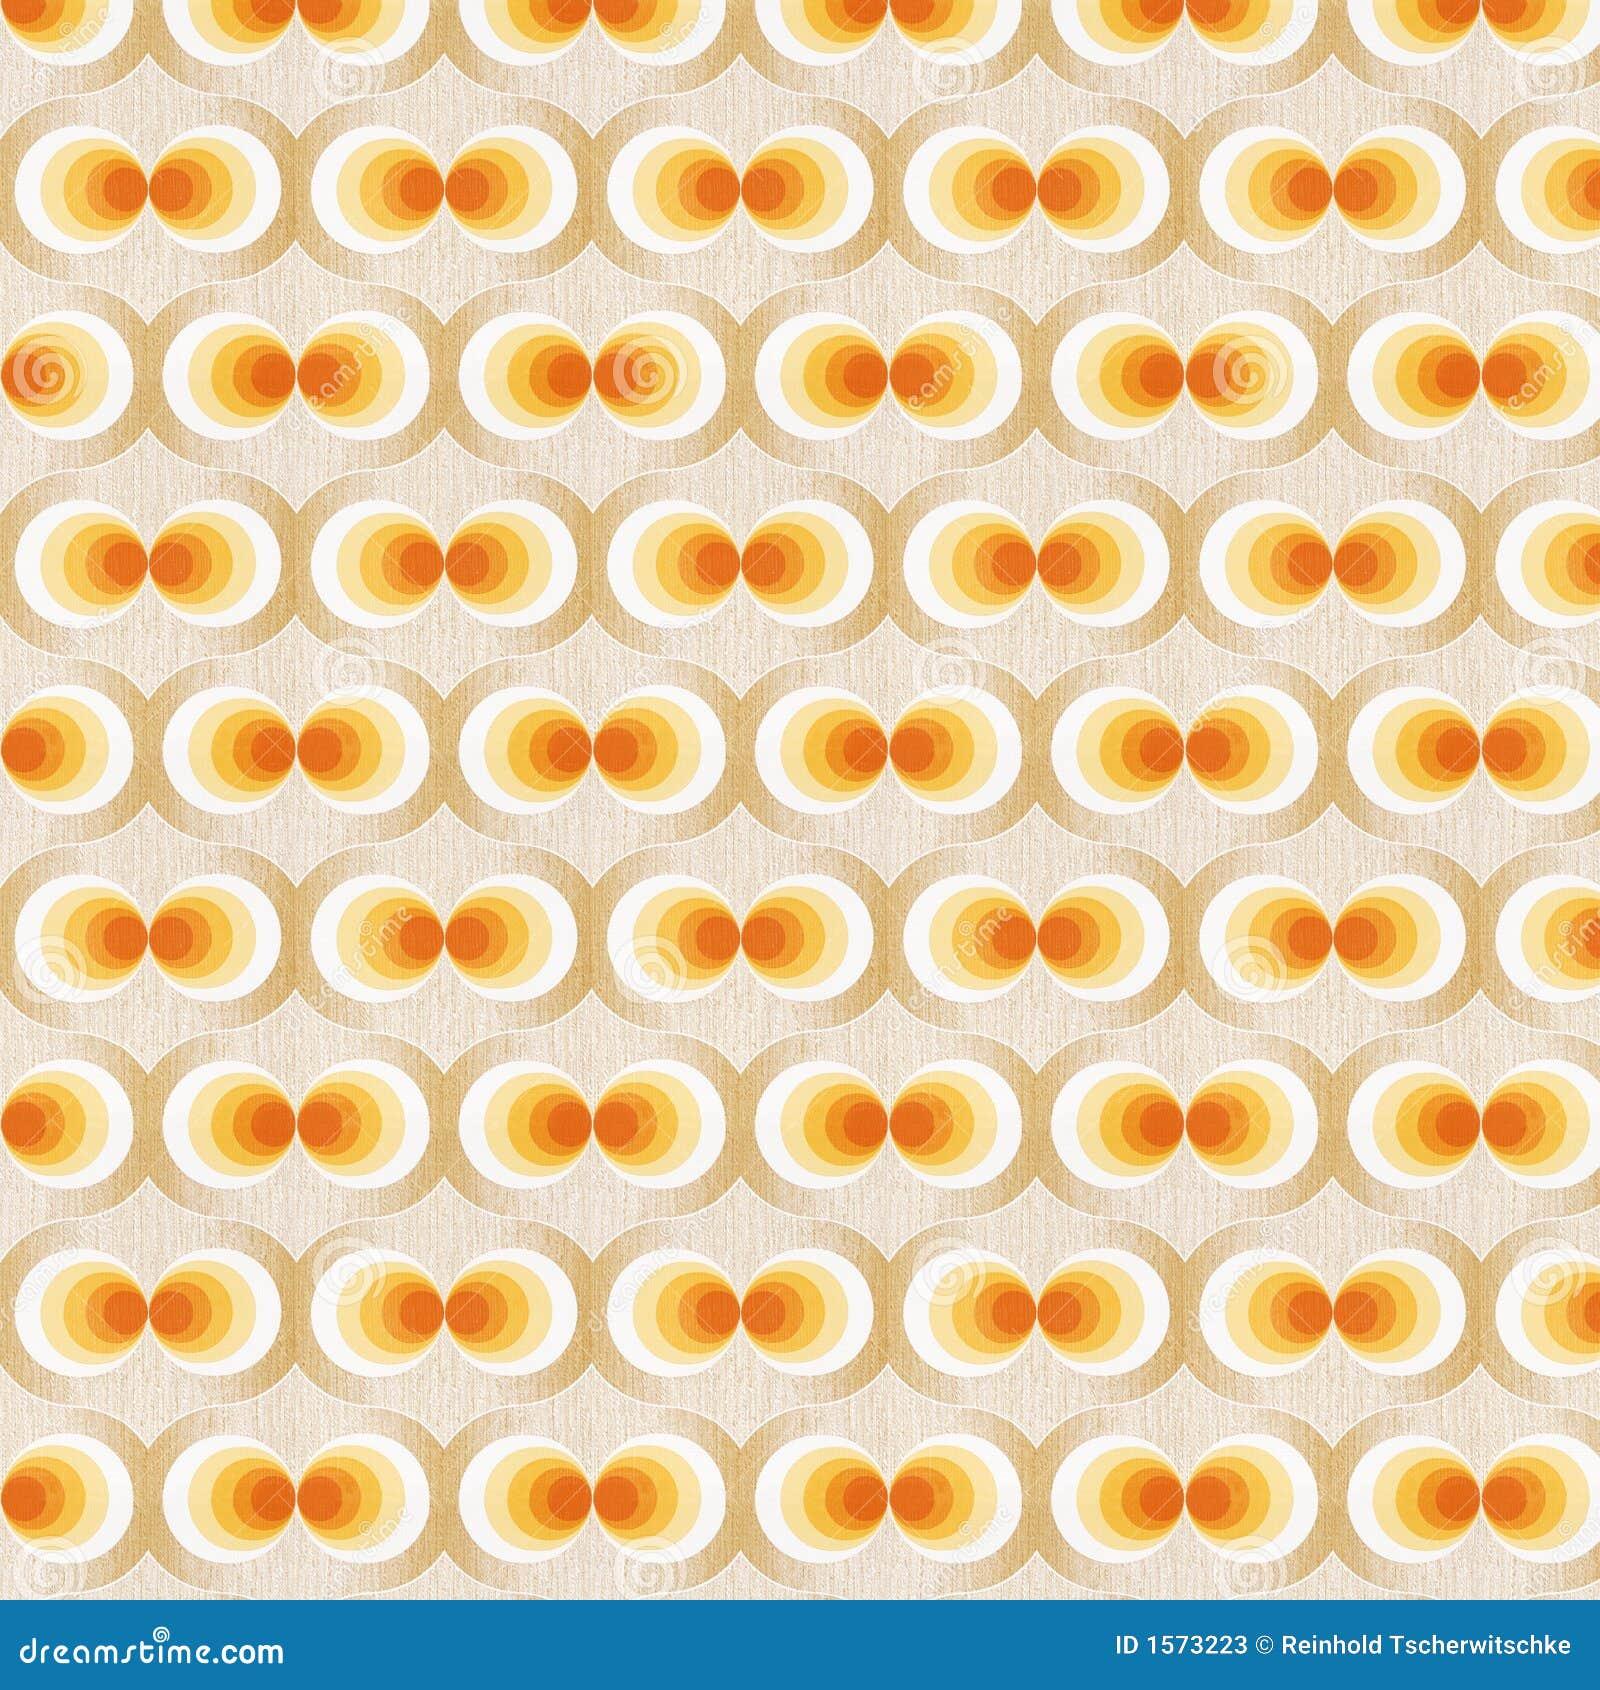 Bedwelming Oranje Retro Behang stock afbeelding. Afbeelding bestaande uit @EI05